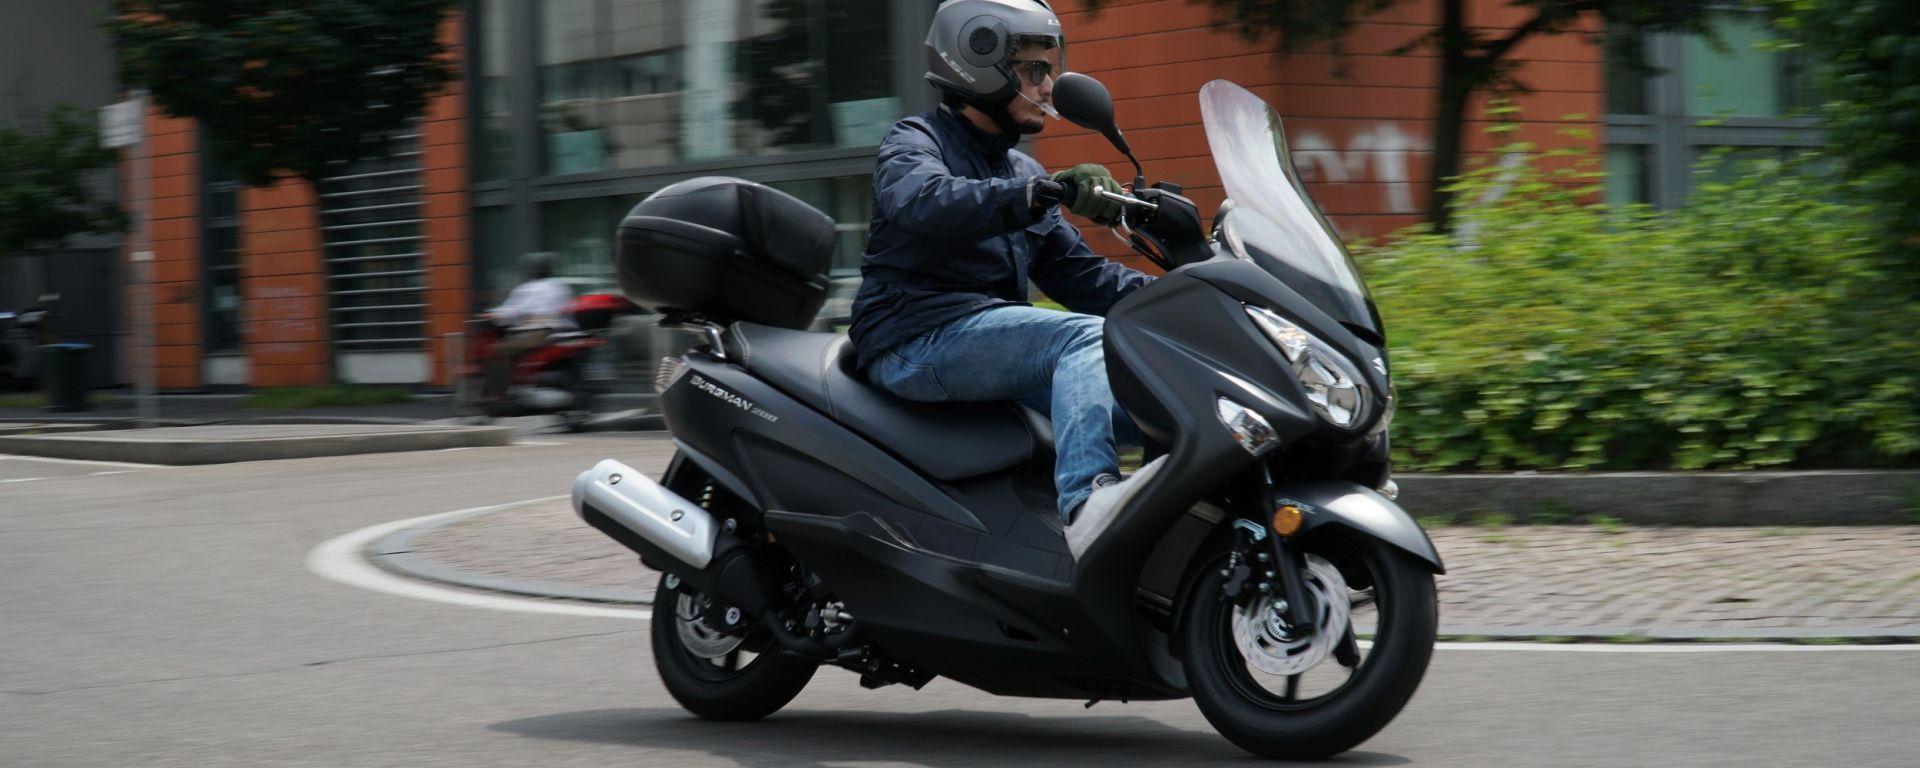 Suzuki Burgman 200: consuma poco e dà molto